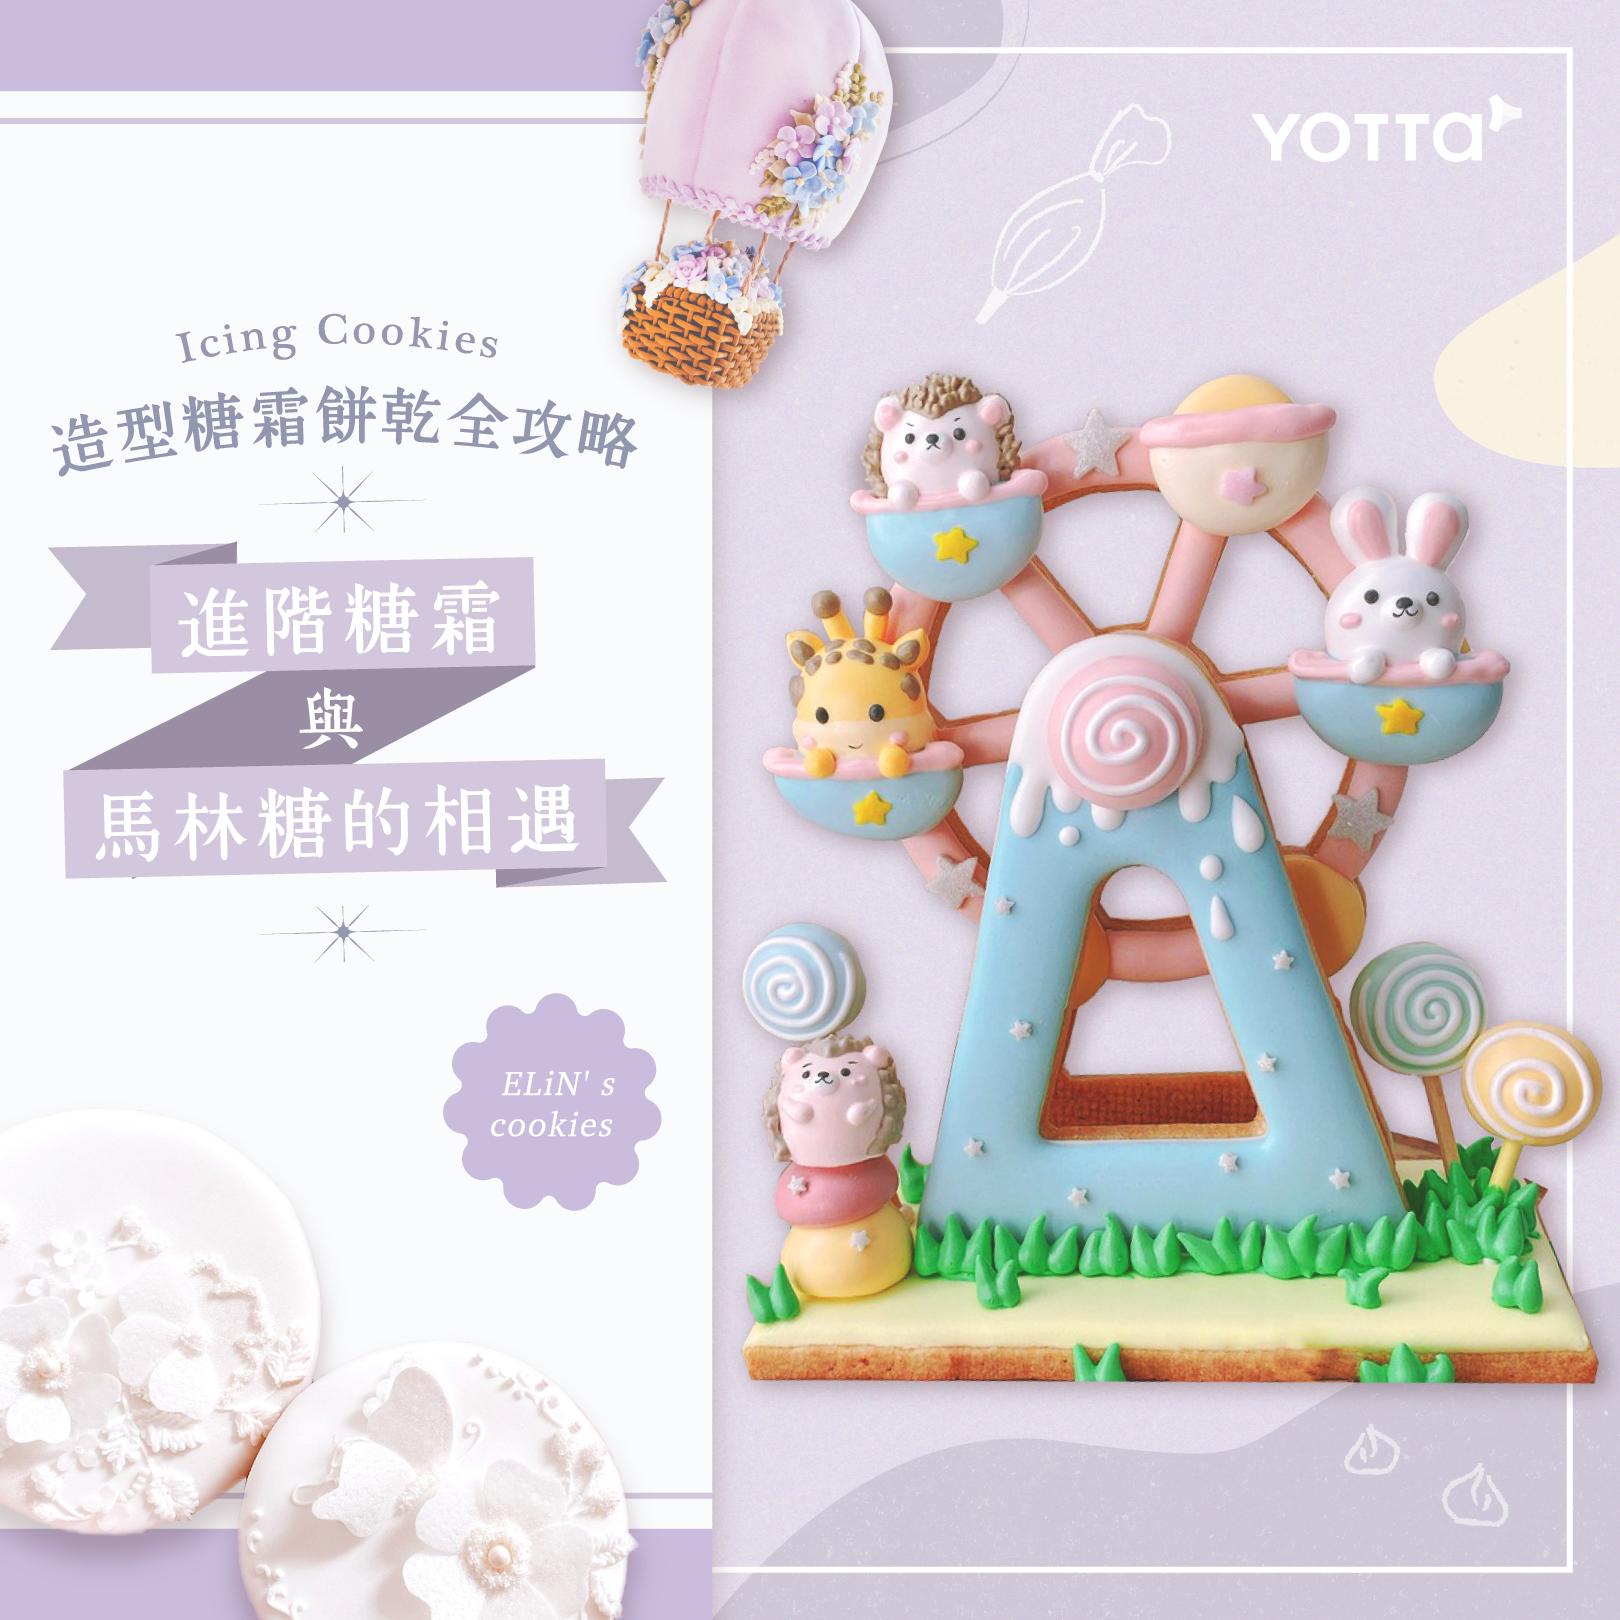 糖霜餅乾線上課程-母親節康乃馨糖霜餅乾diy製作